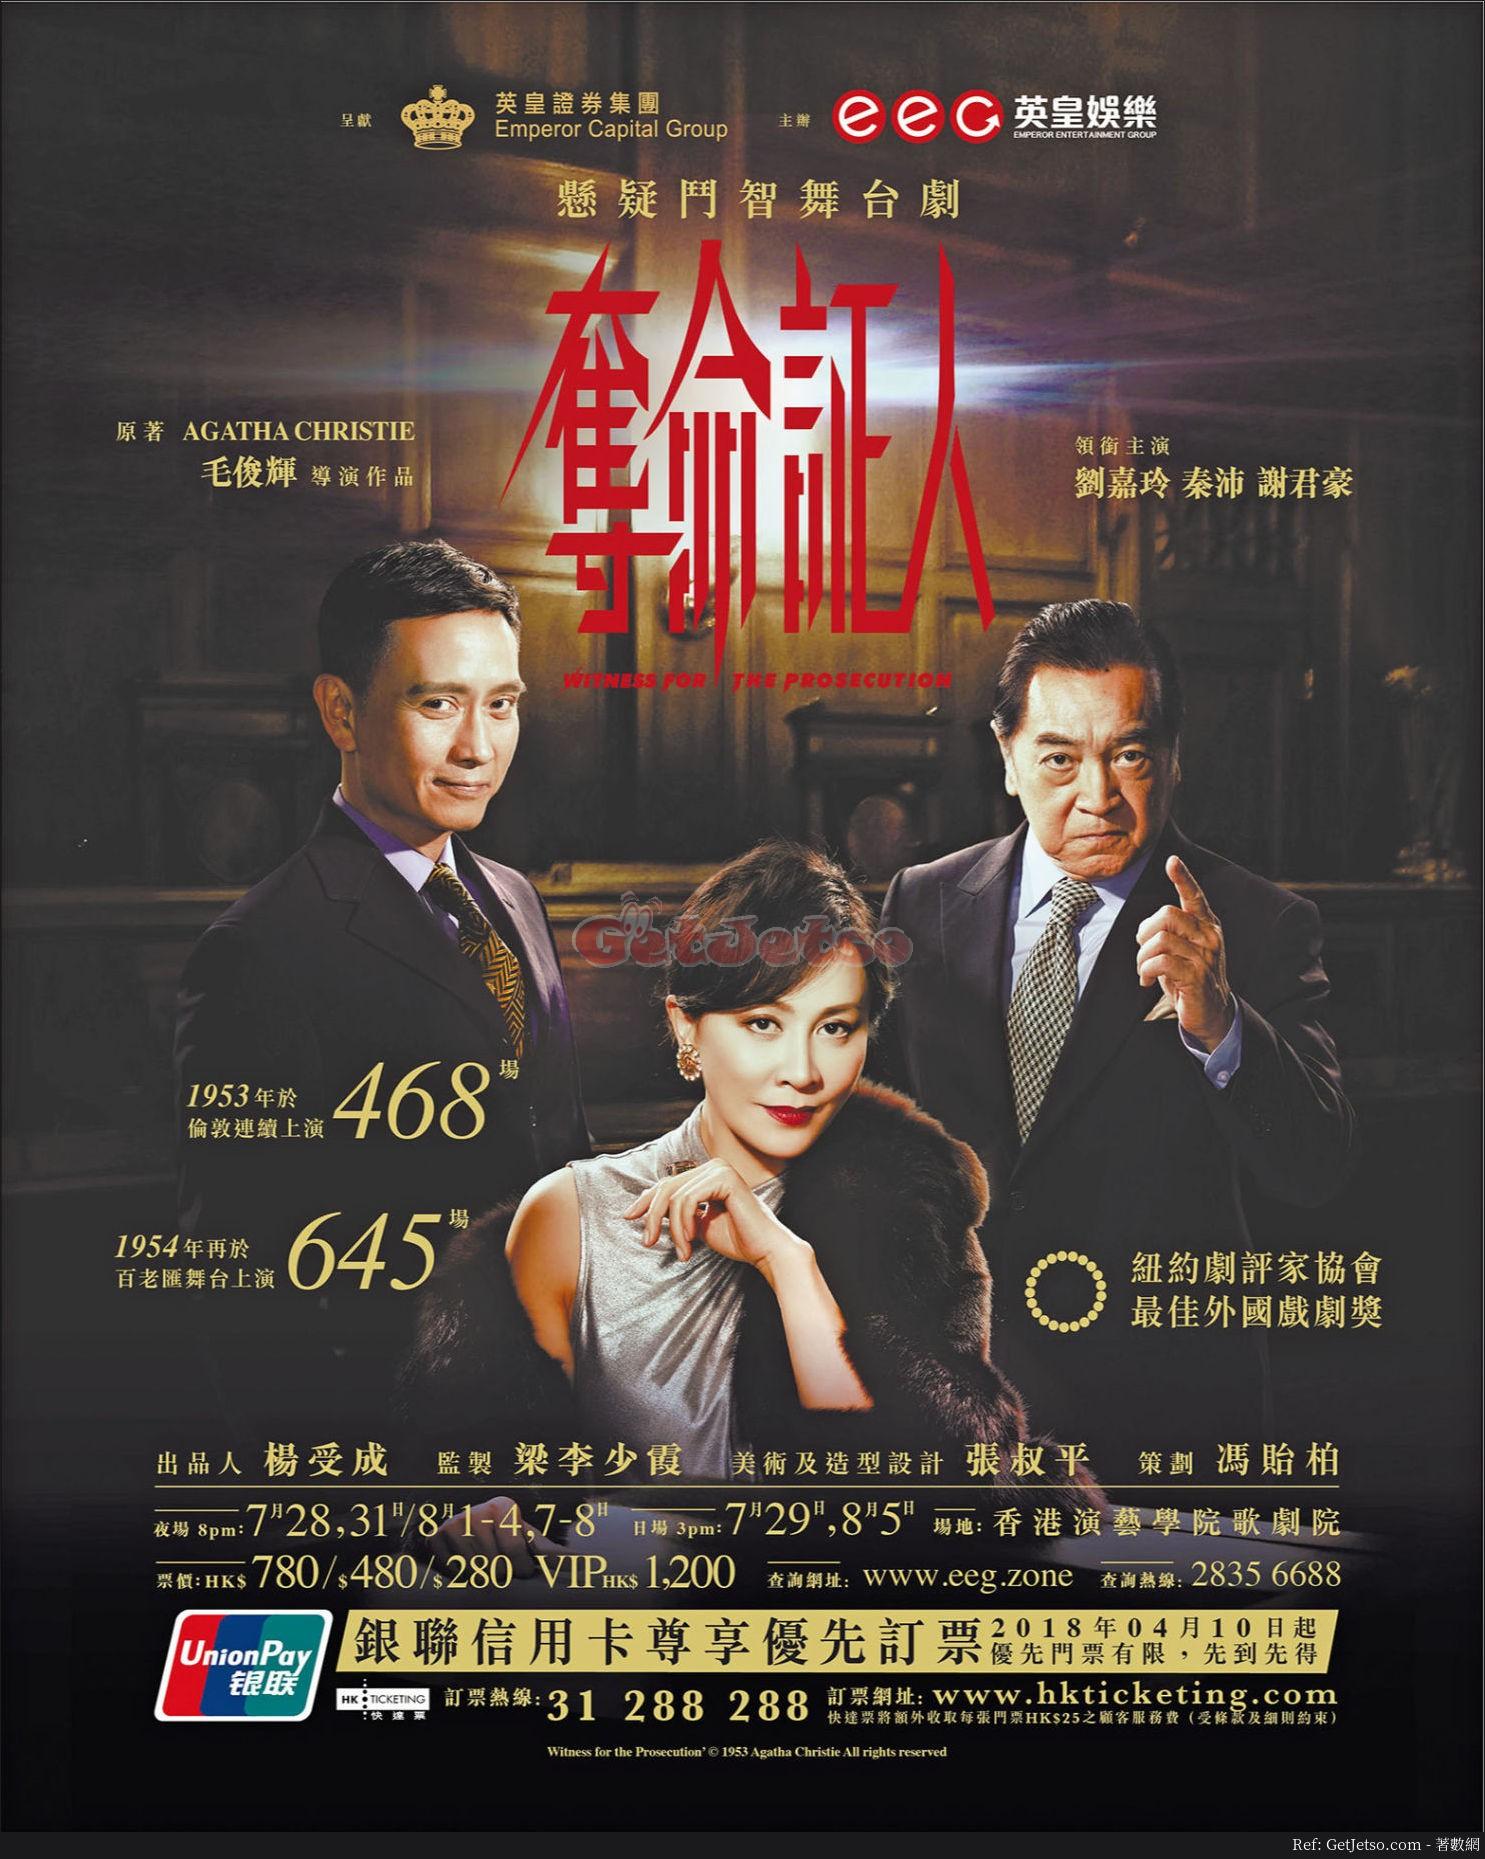 舞台劇奪命證人優先訂票優惠@銀聯信用卡(18年4月10日起)